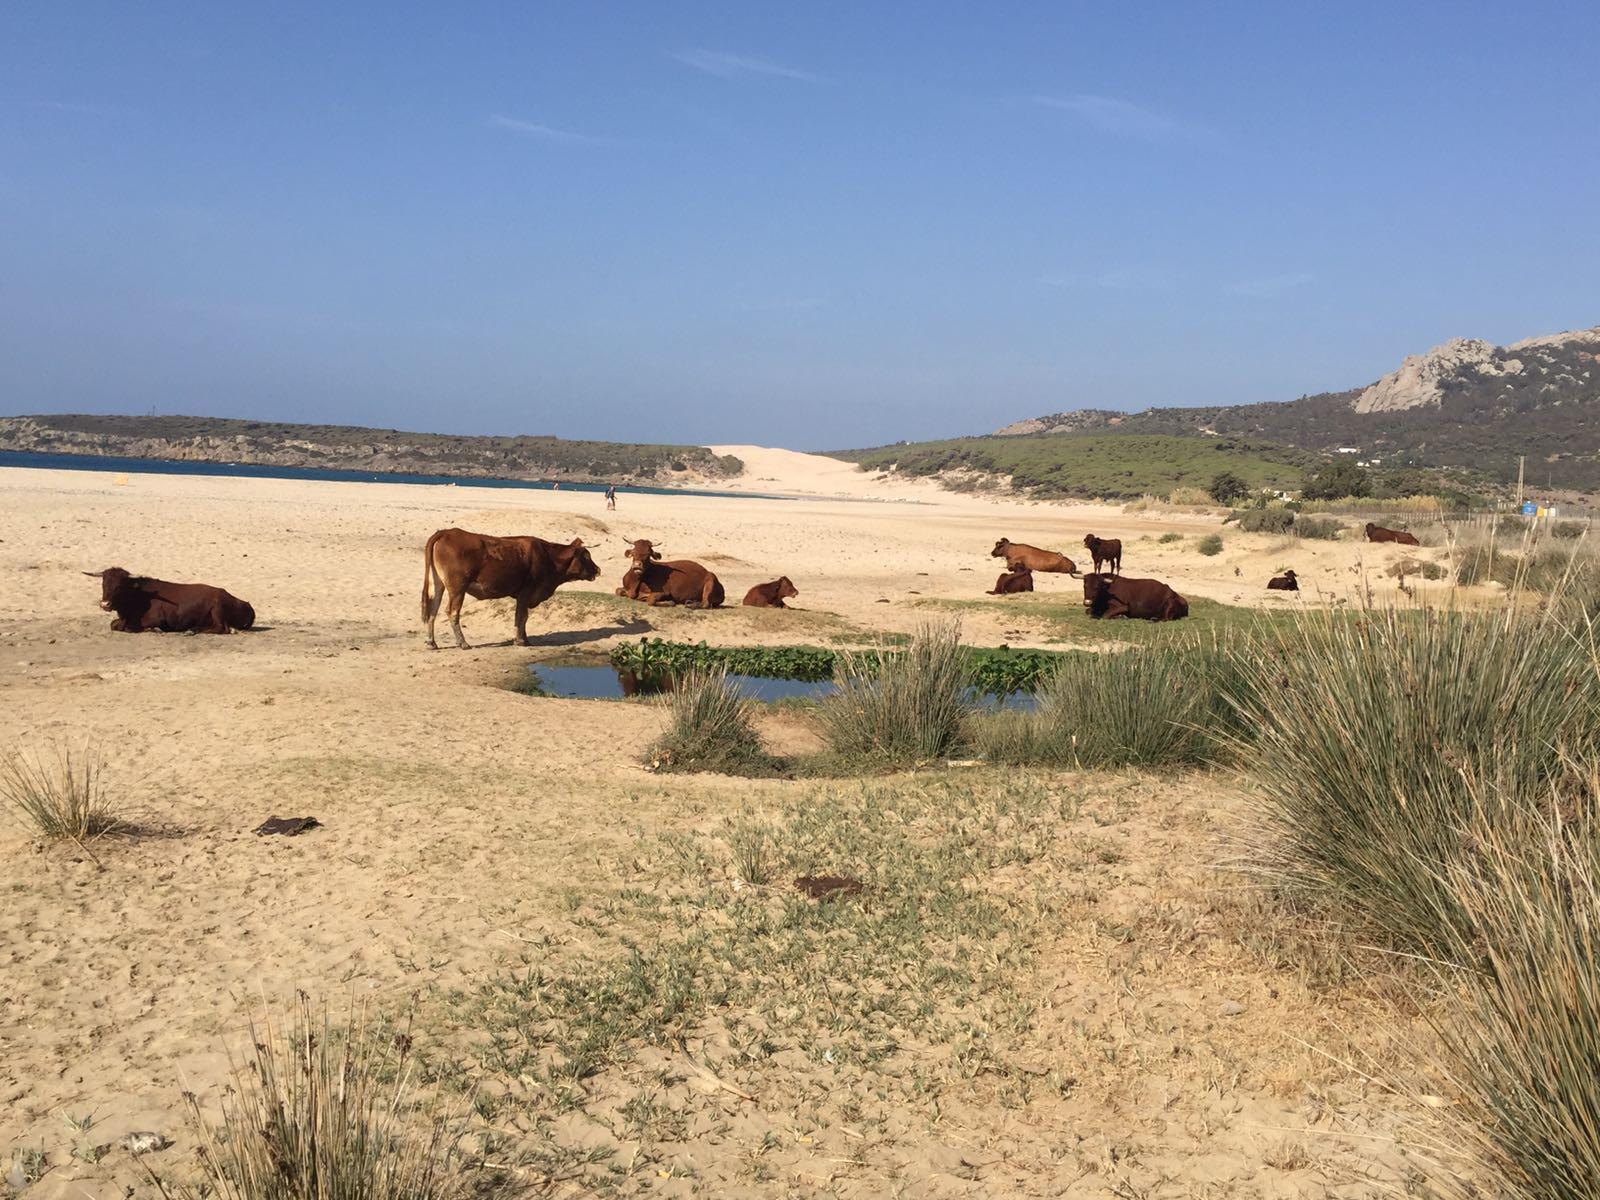 koeien-op-het-strand-van-playa-bolonia